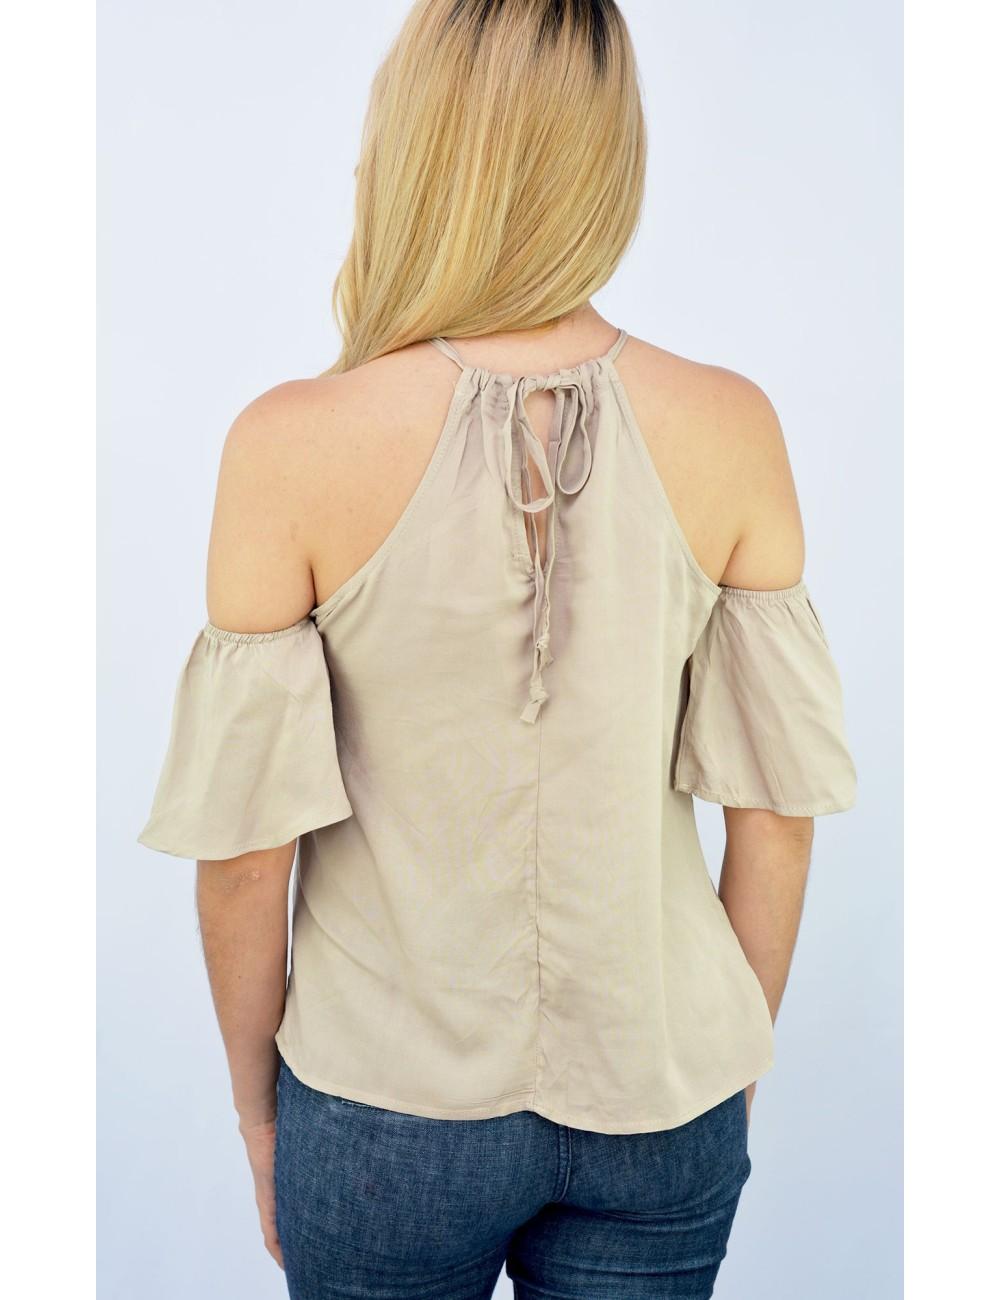 Blusa cuello alto cierre en la espalda